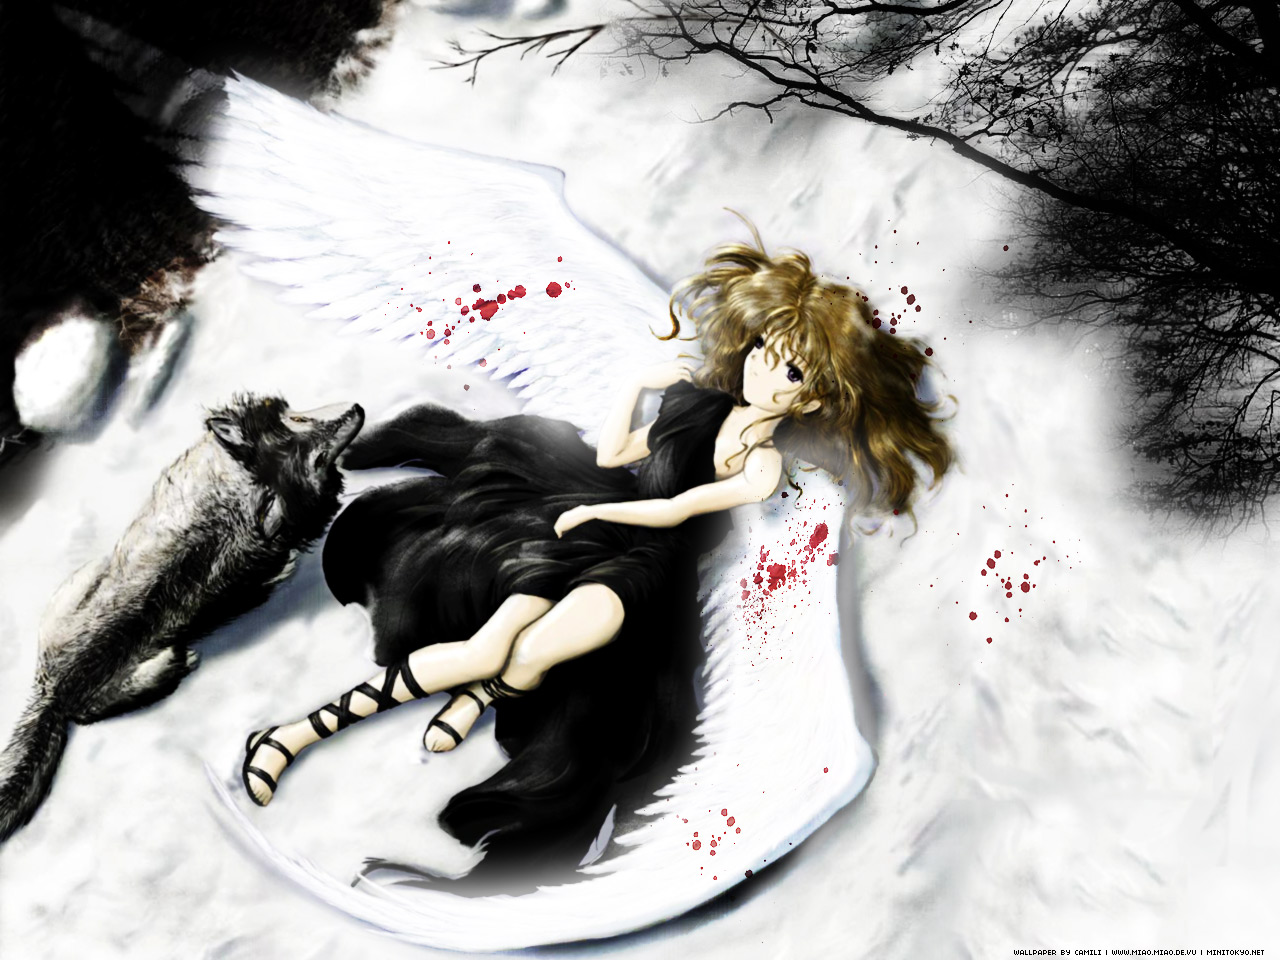 Anime Wallpaper: Fallen Angel